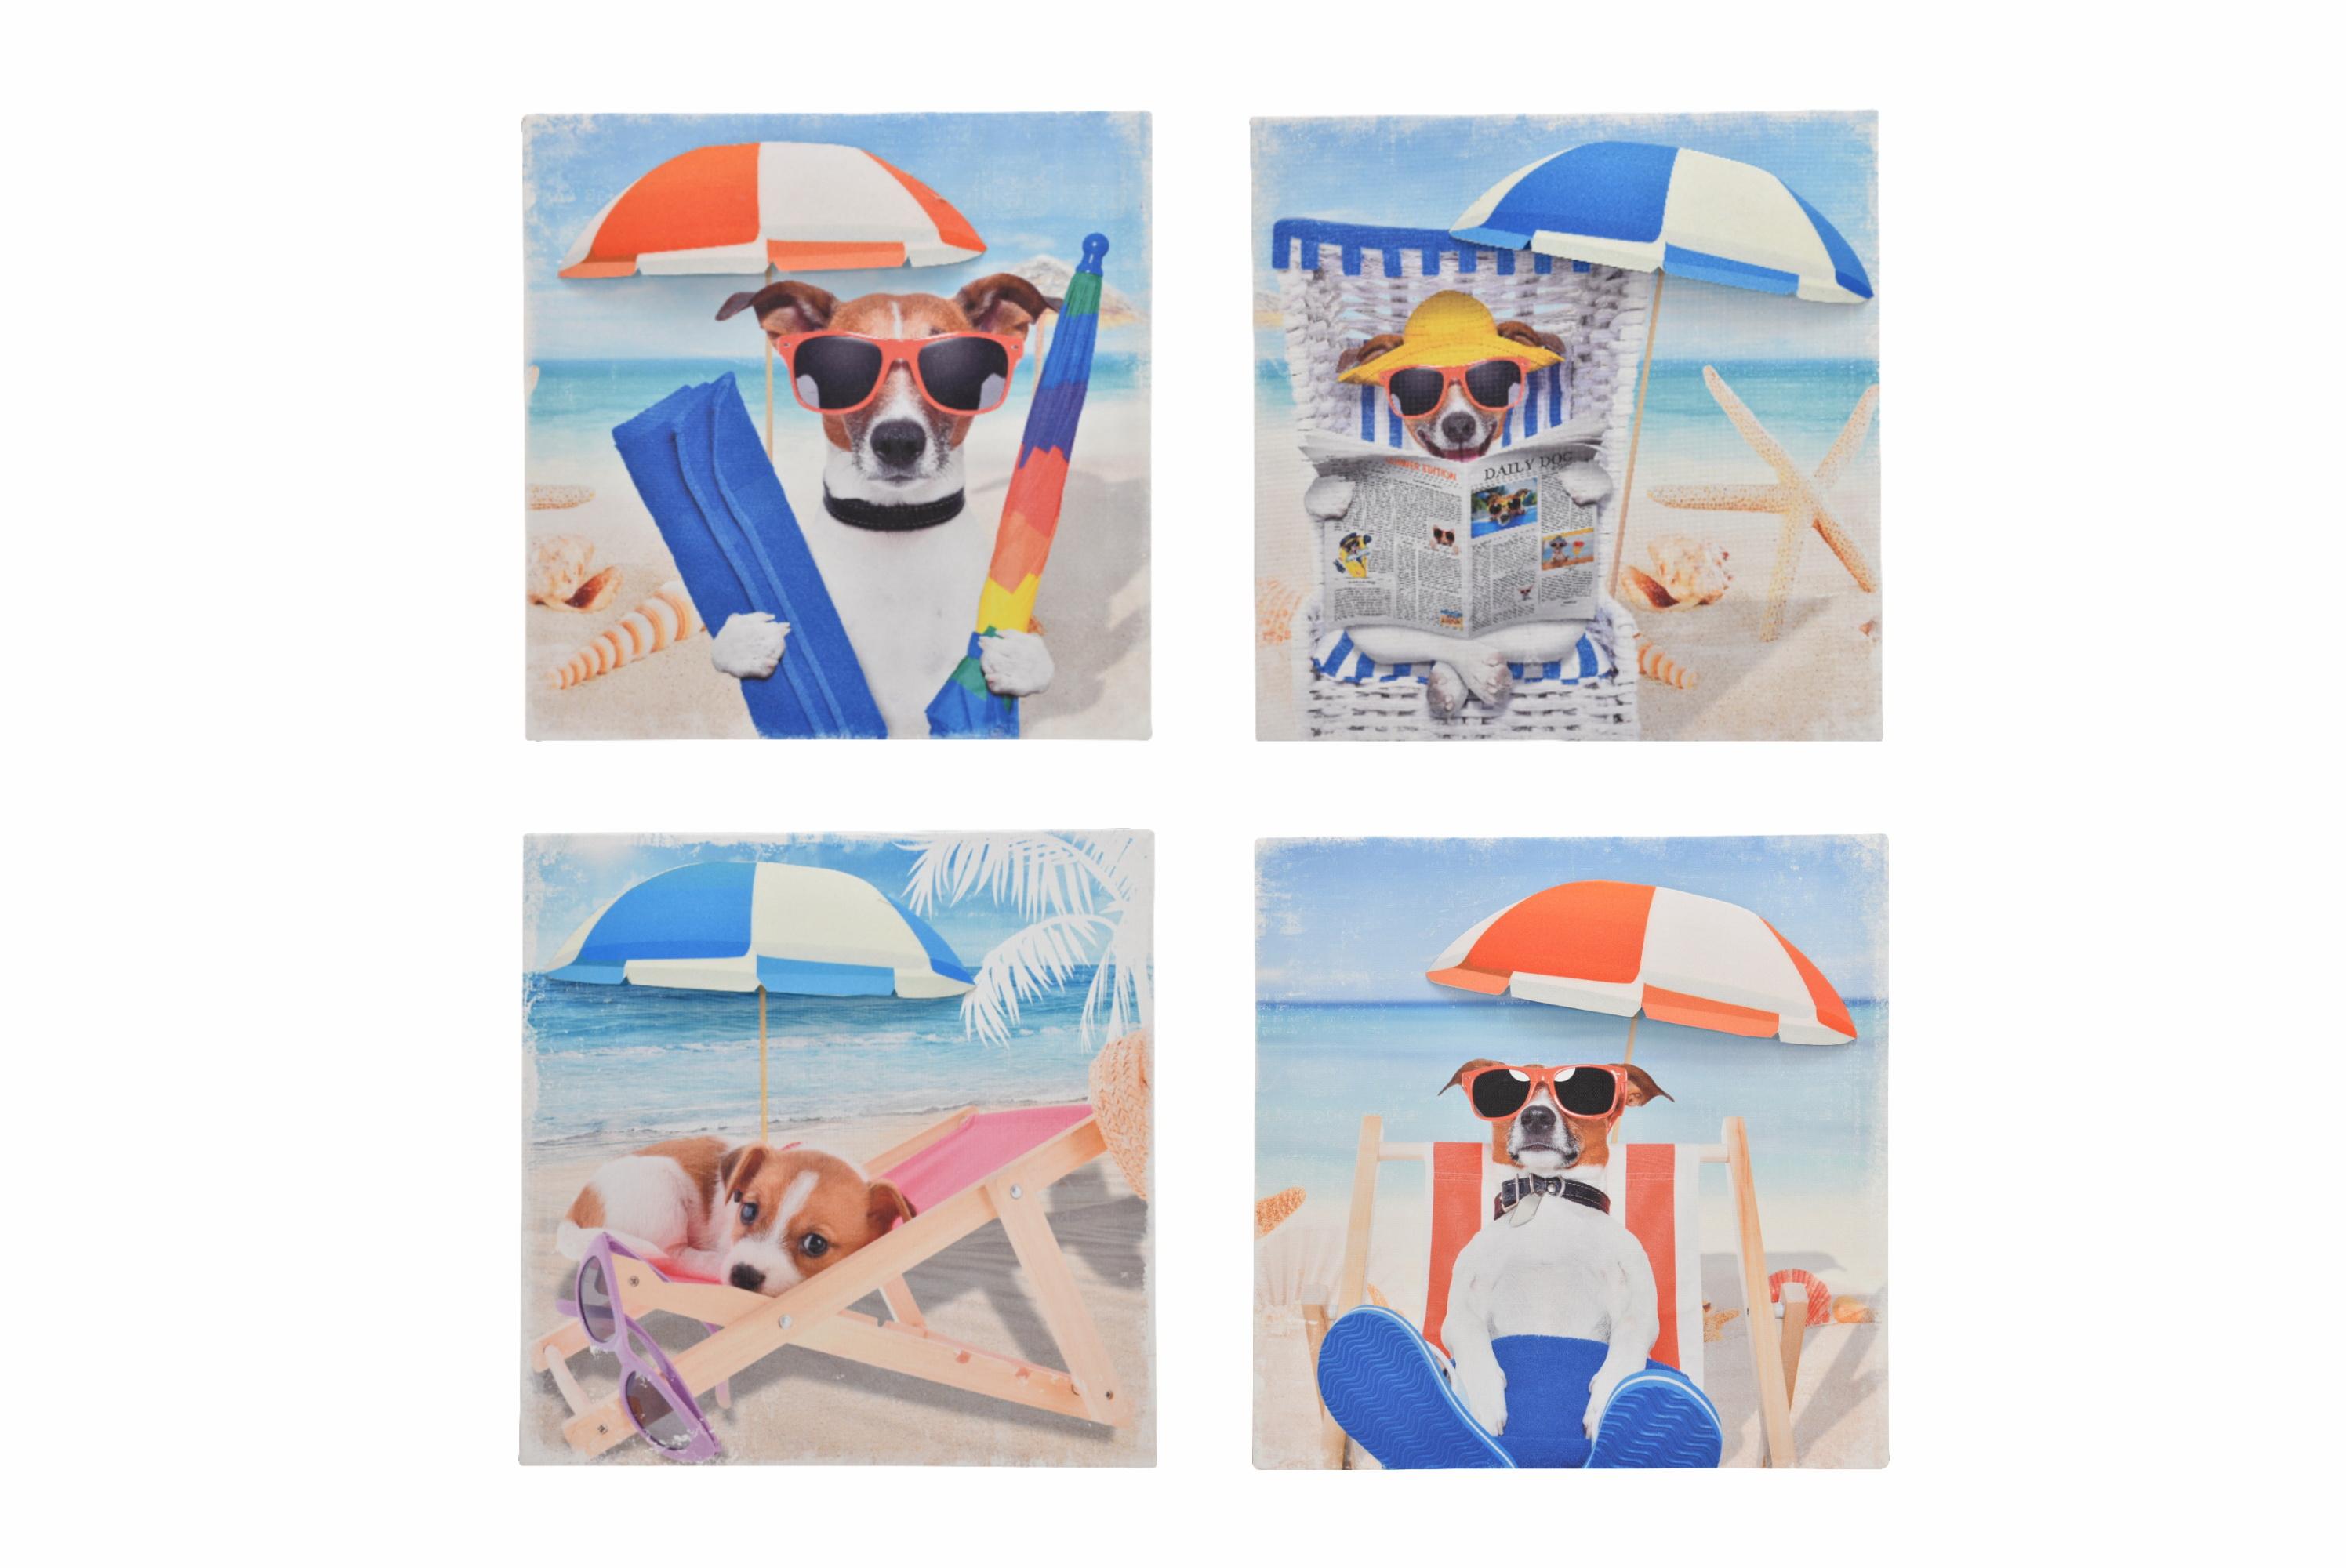 28 x 28cm 3d Dog Canvas Prints With Umbrella 4 Assorted